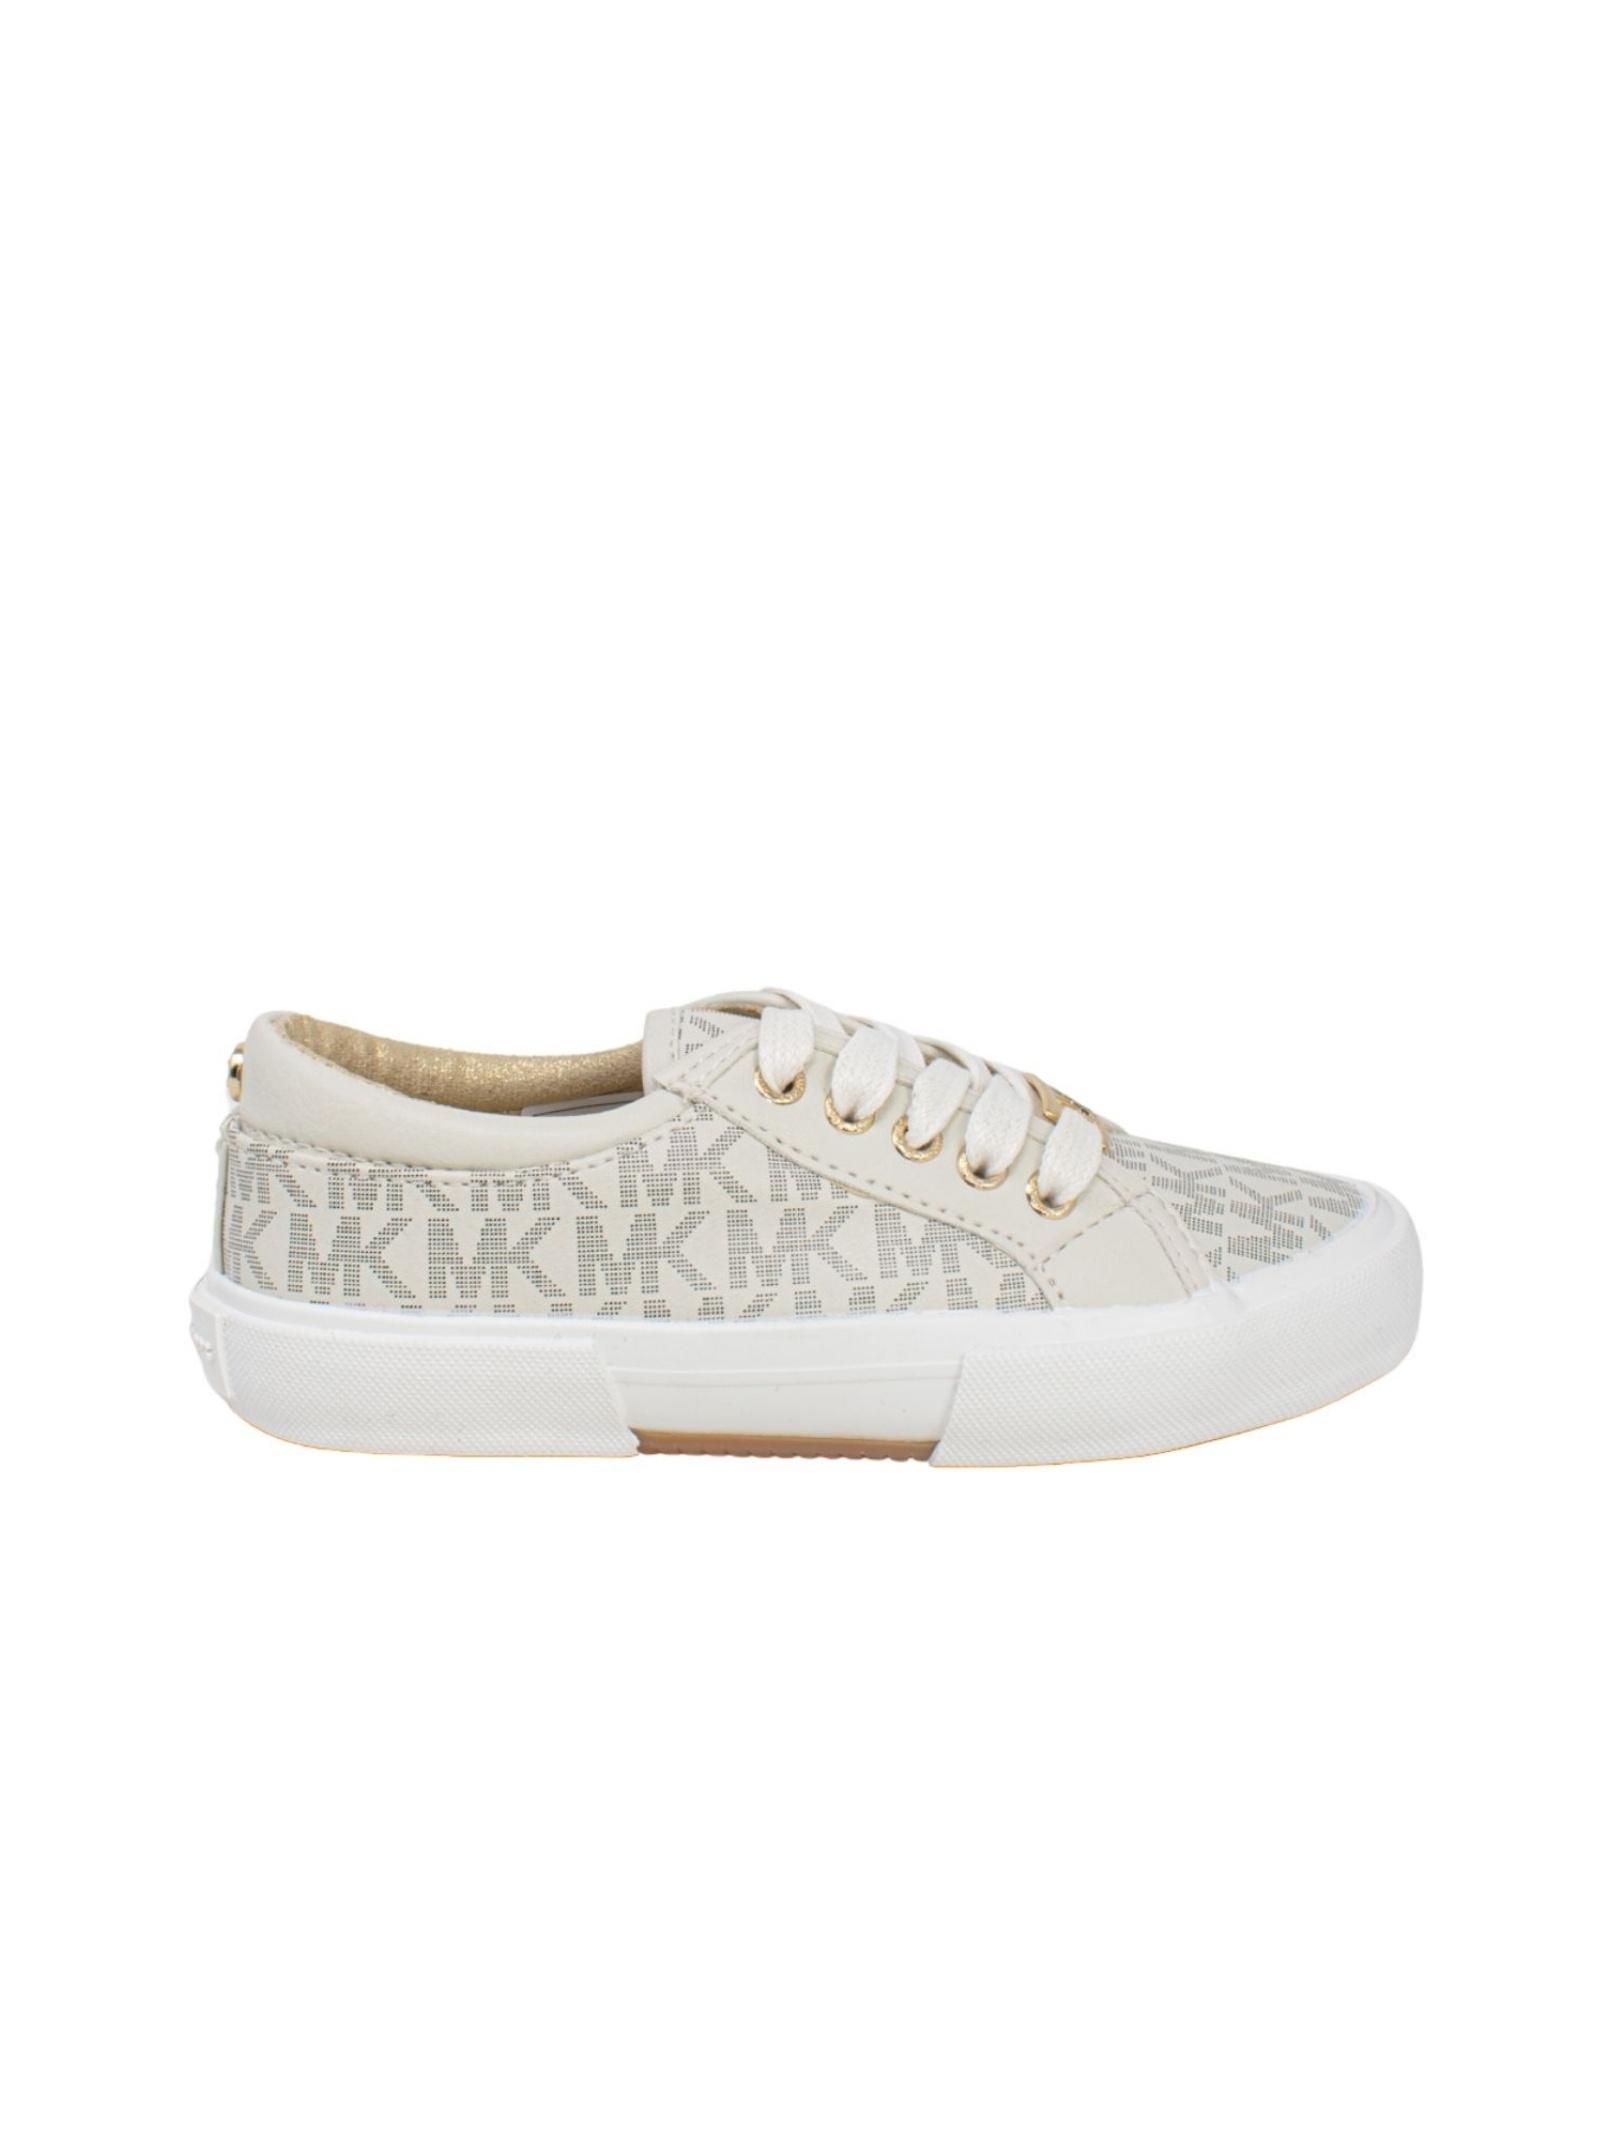 MICHAEL KORS JUNIOR | Sneakers | MK100013VANILLA